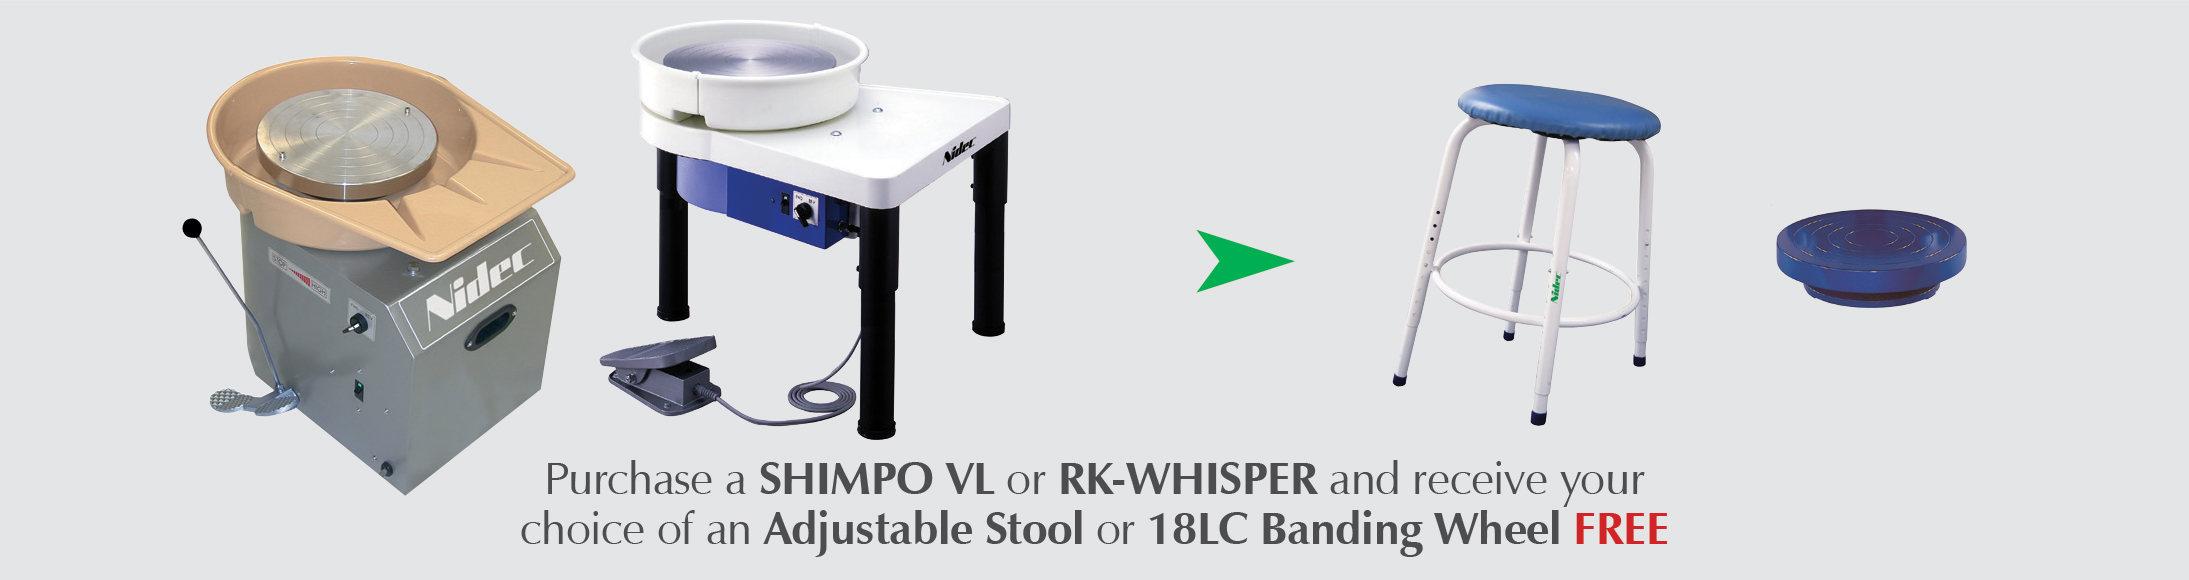 shimpo, pottery wheel, discounted, vl whisper, vl lite, rk whisper